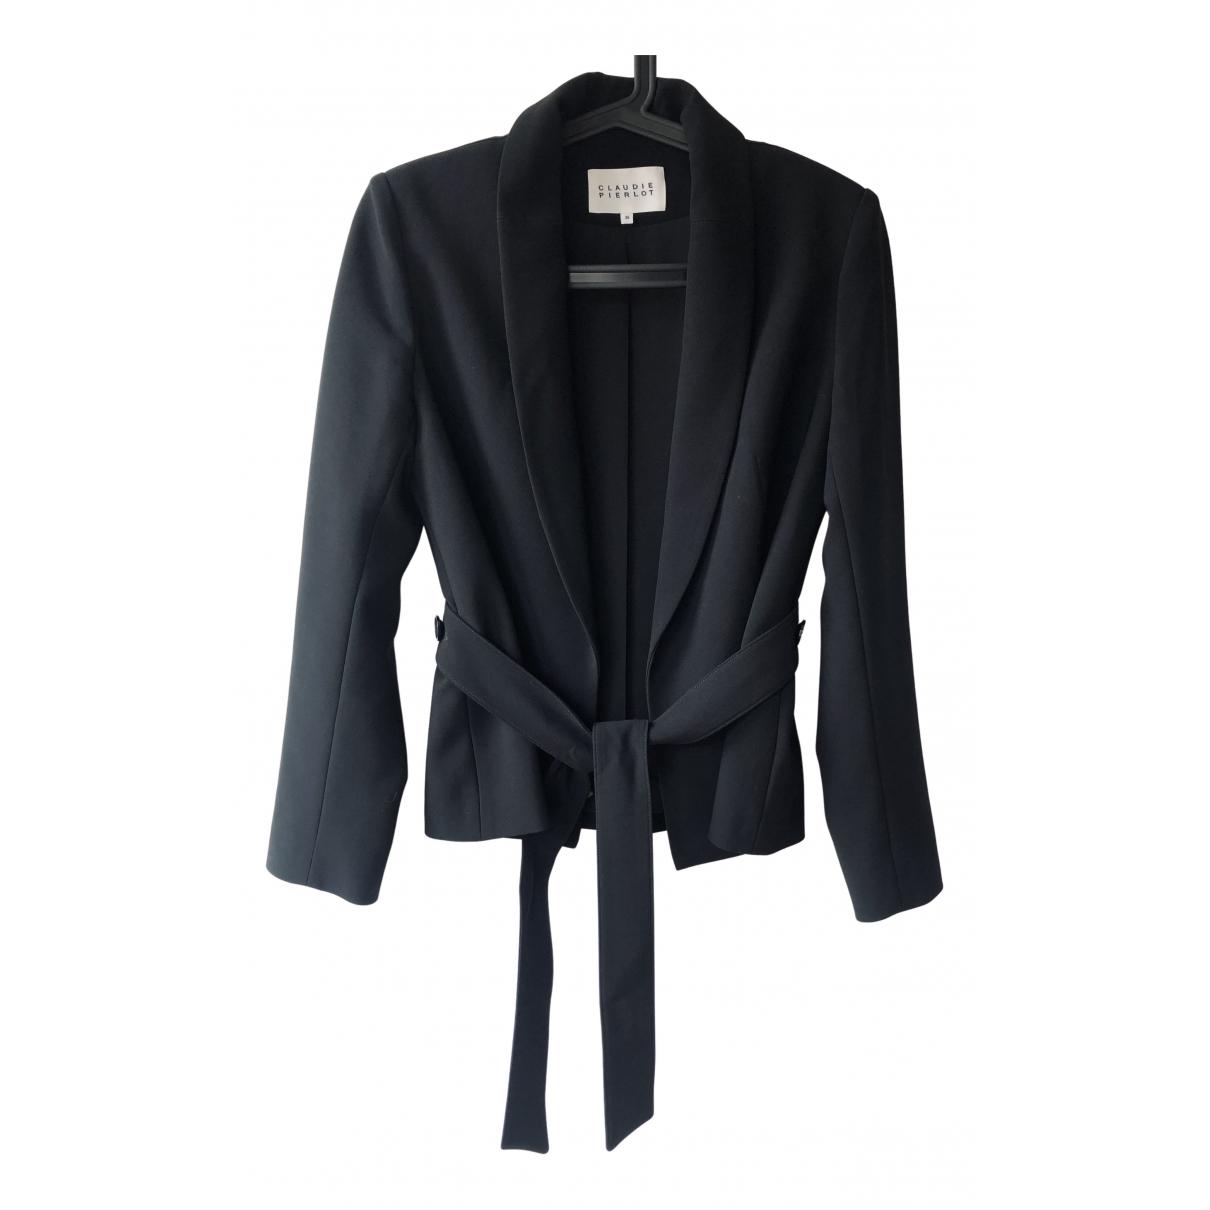 Claudie Pierlot N Black jacket for Women 36 FR